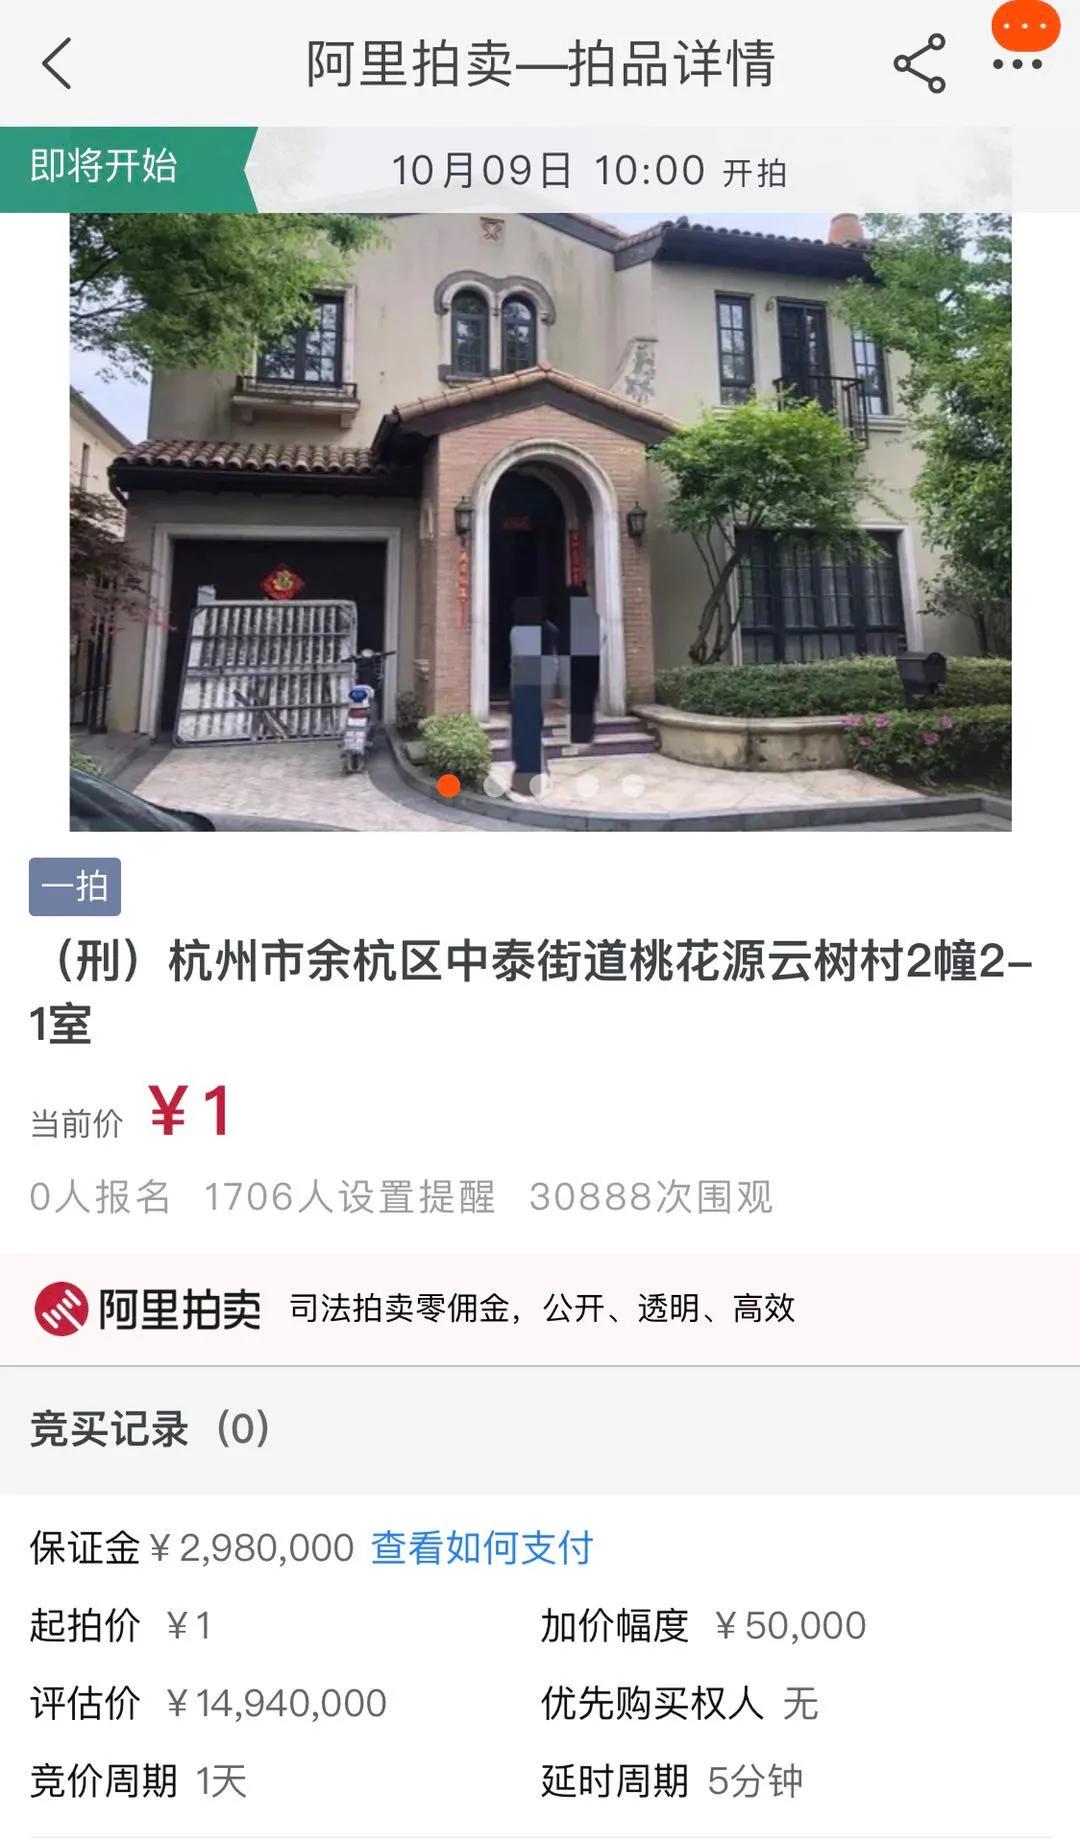 价值1500万的别墅如今起拍价仅1元 房主曾是当地一霸